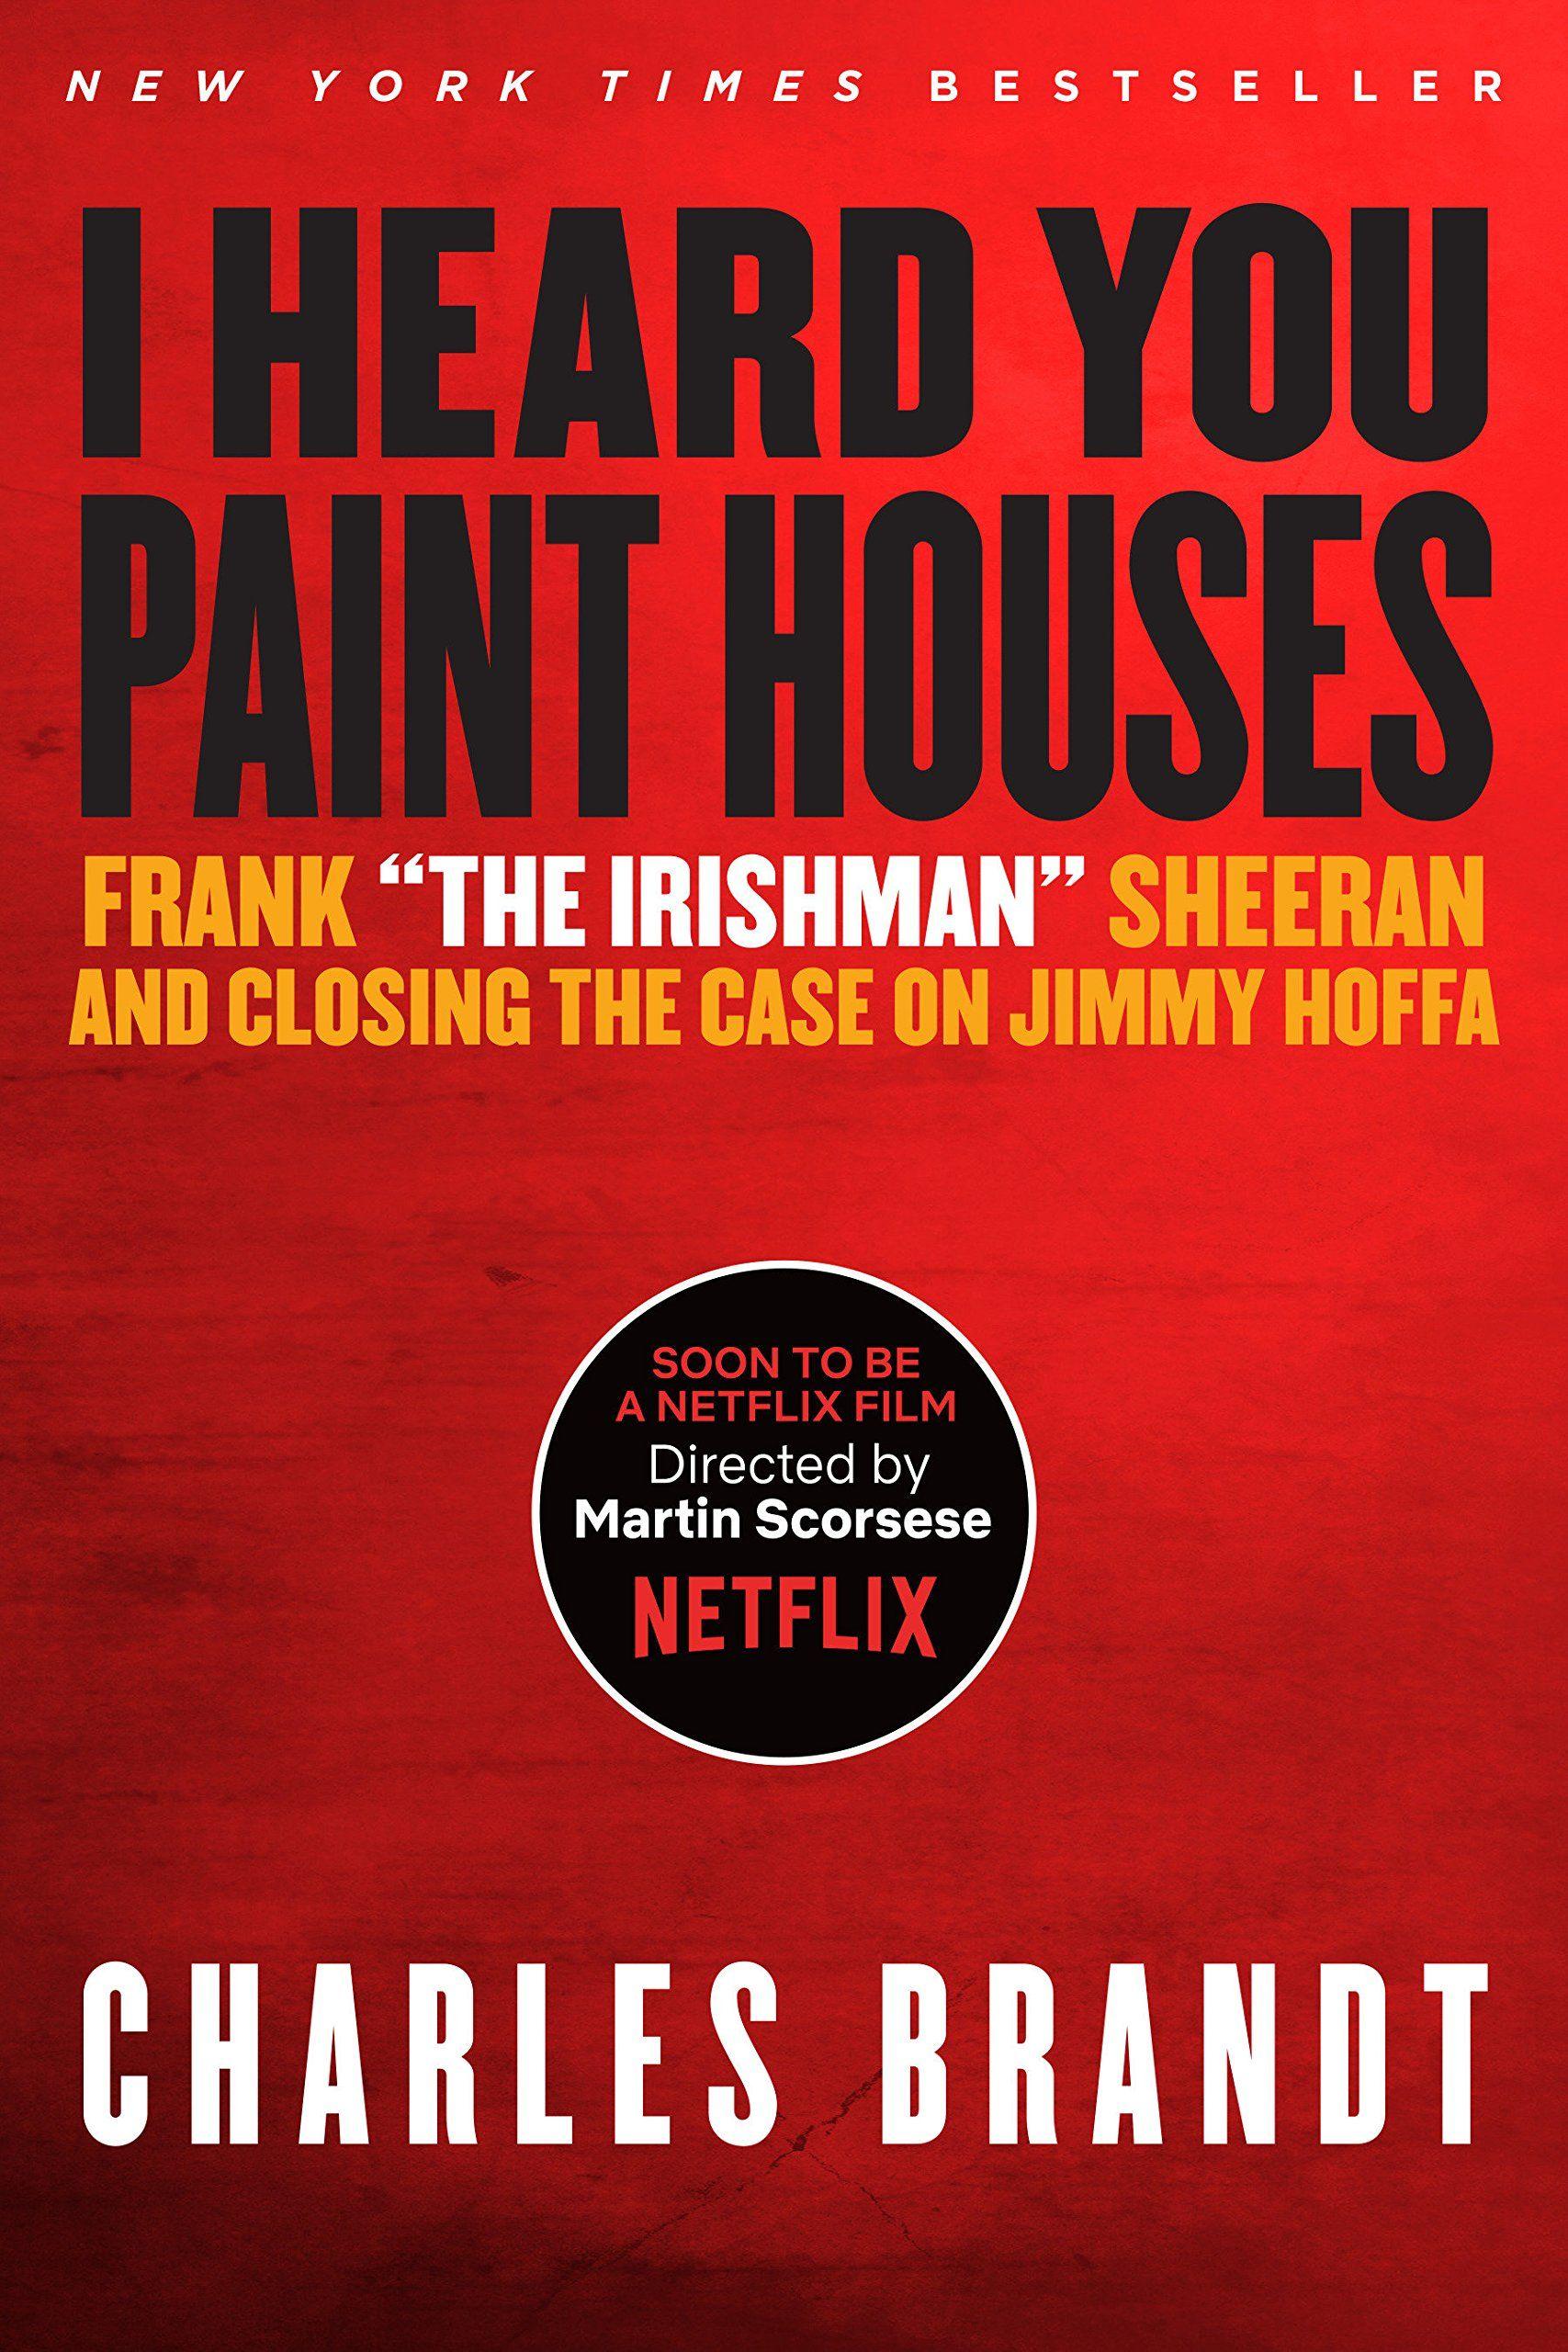 Netflix Irishman